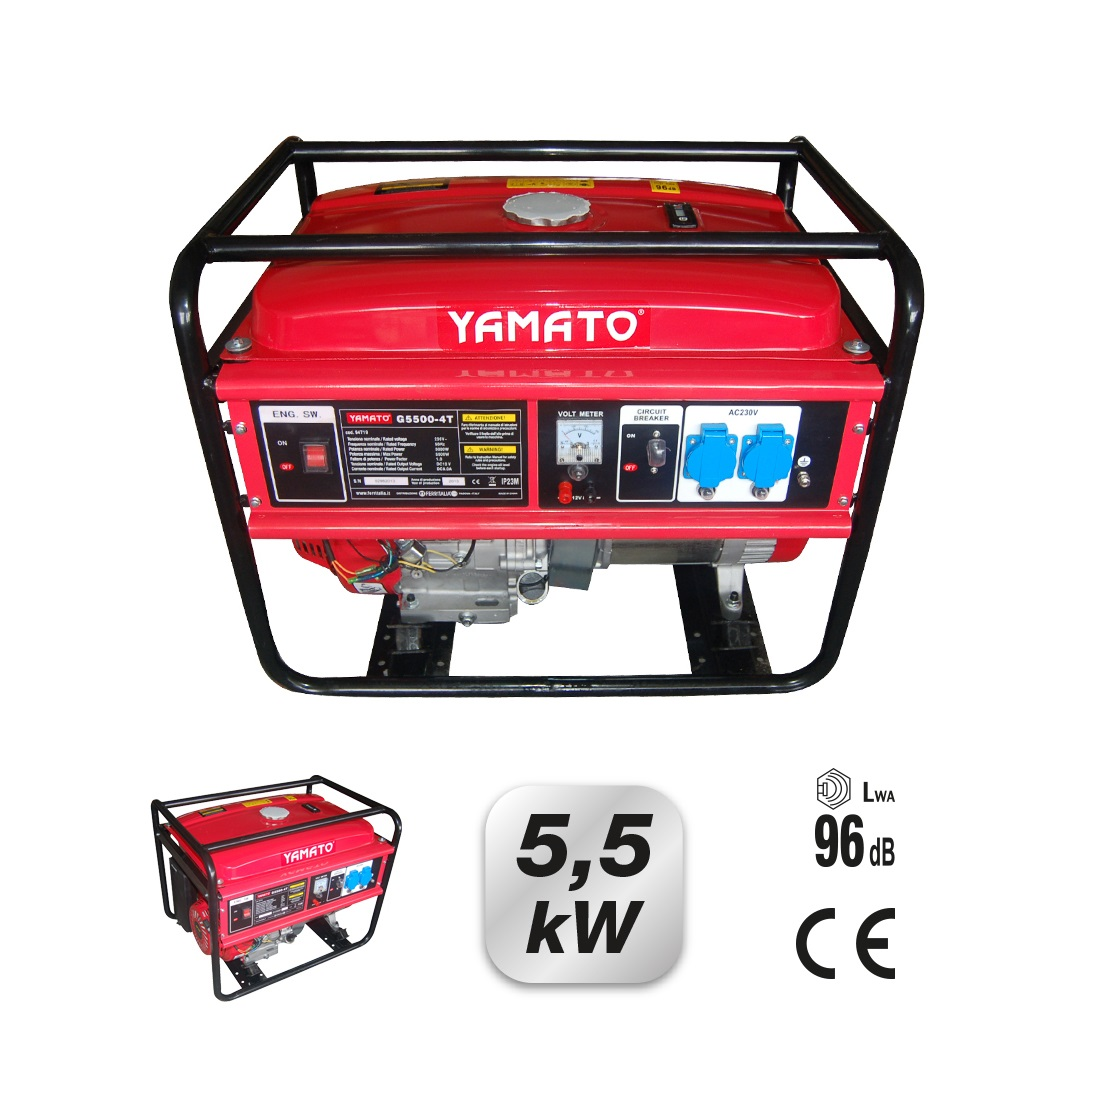 motogeneratore yamato mod g5500 4t